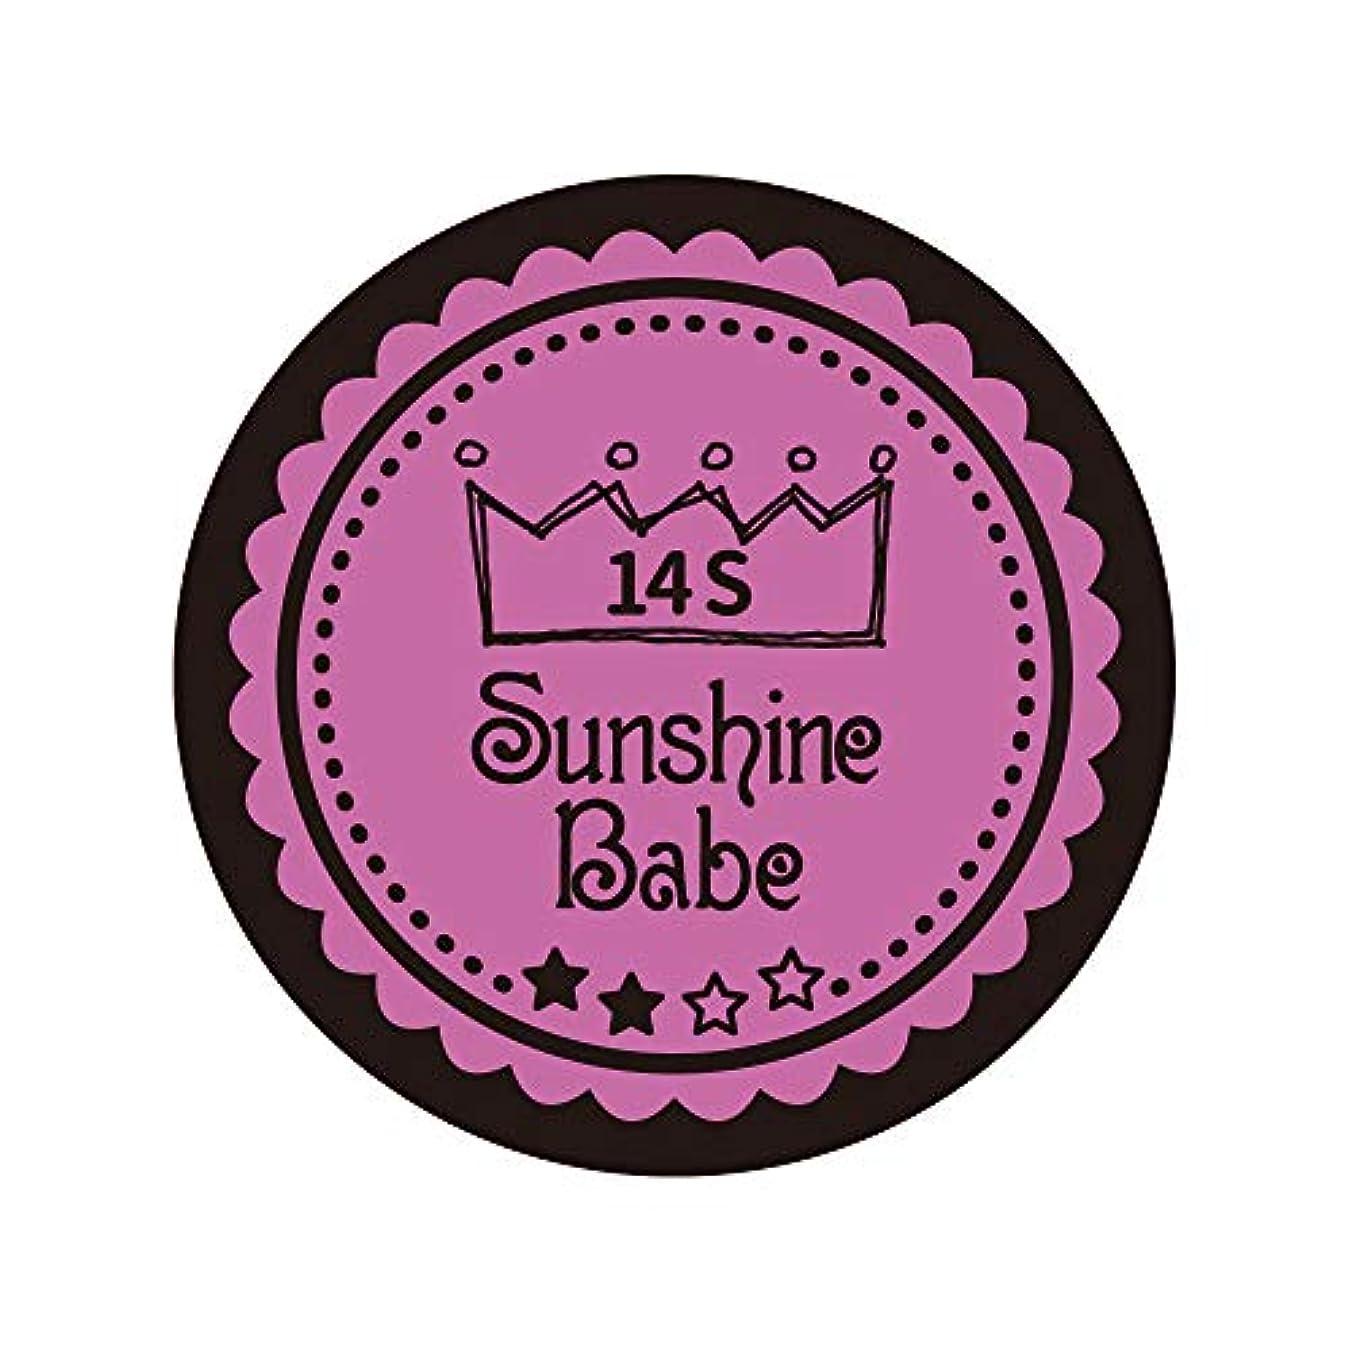 ダムピュー解釈するSunshine Babe カラージェル 14S スプリングクロッカス 2.7g UV/LED対応